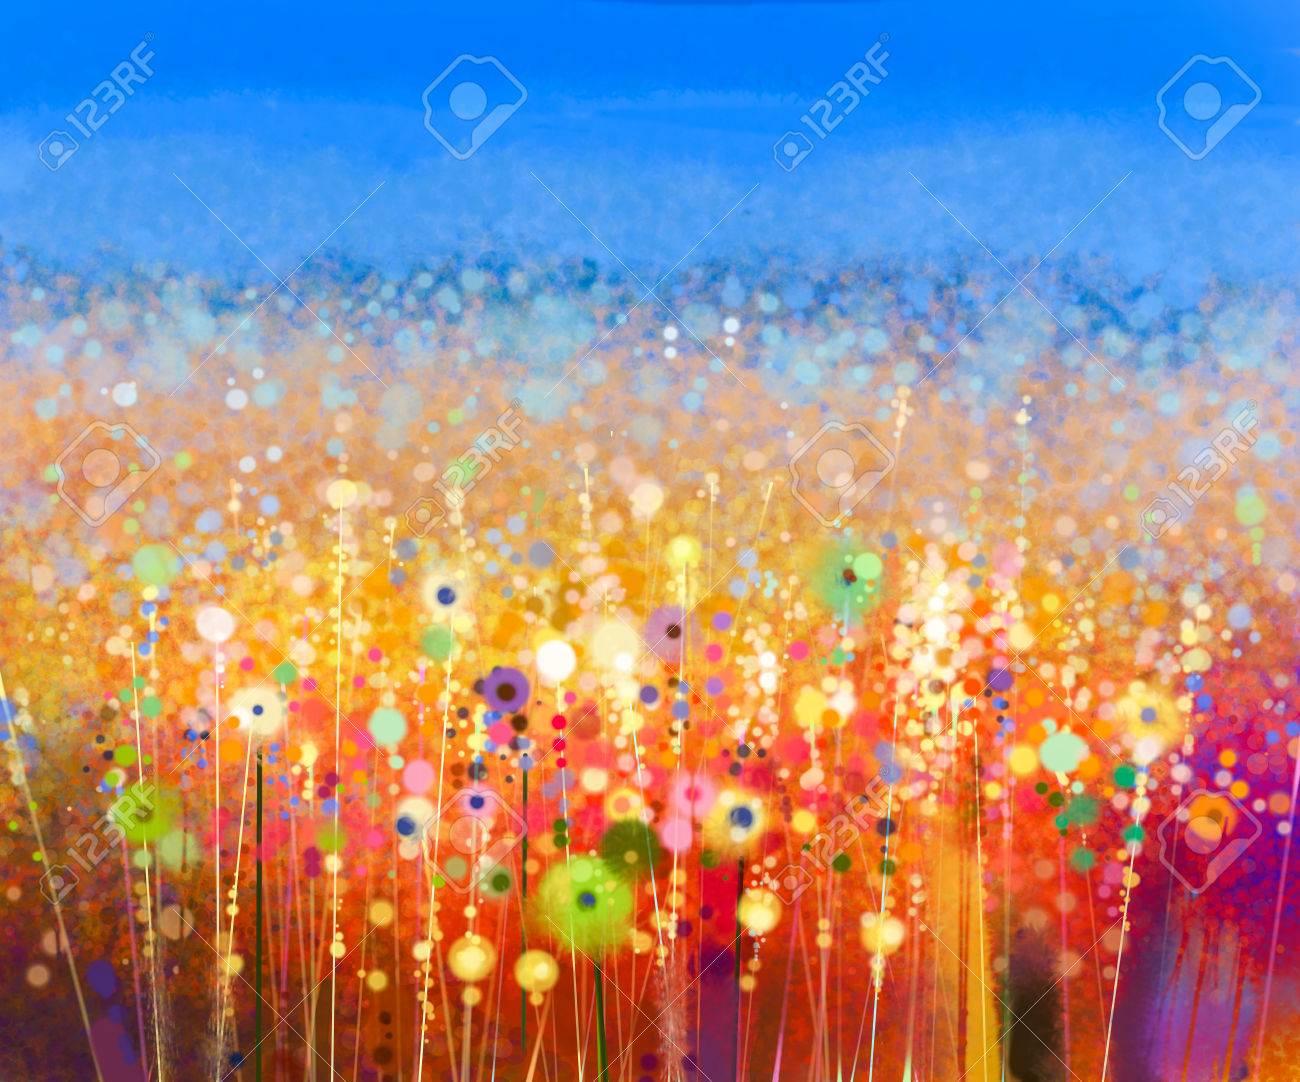 Peinture Abstraite D'aquarelle De Champ De Fleurs. Peint à La Main Des  Fleurs Rouges Jaunes En Couleur Douce Avec Fond De Ciel Bleu. Peintures  Florales Abstraites Dans Les Prés. Printemps Fleur Nature